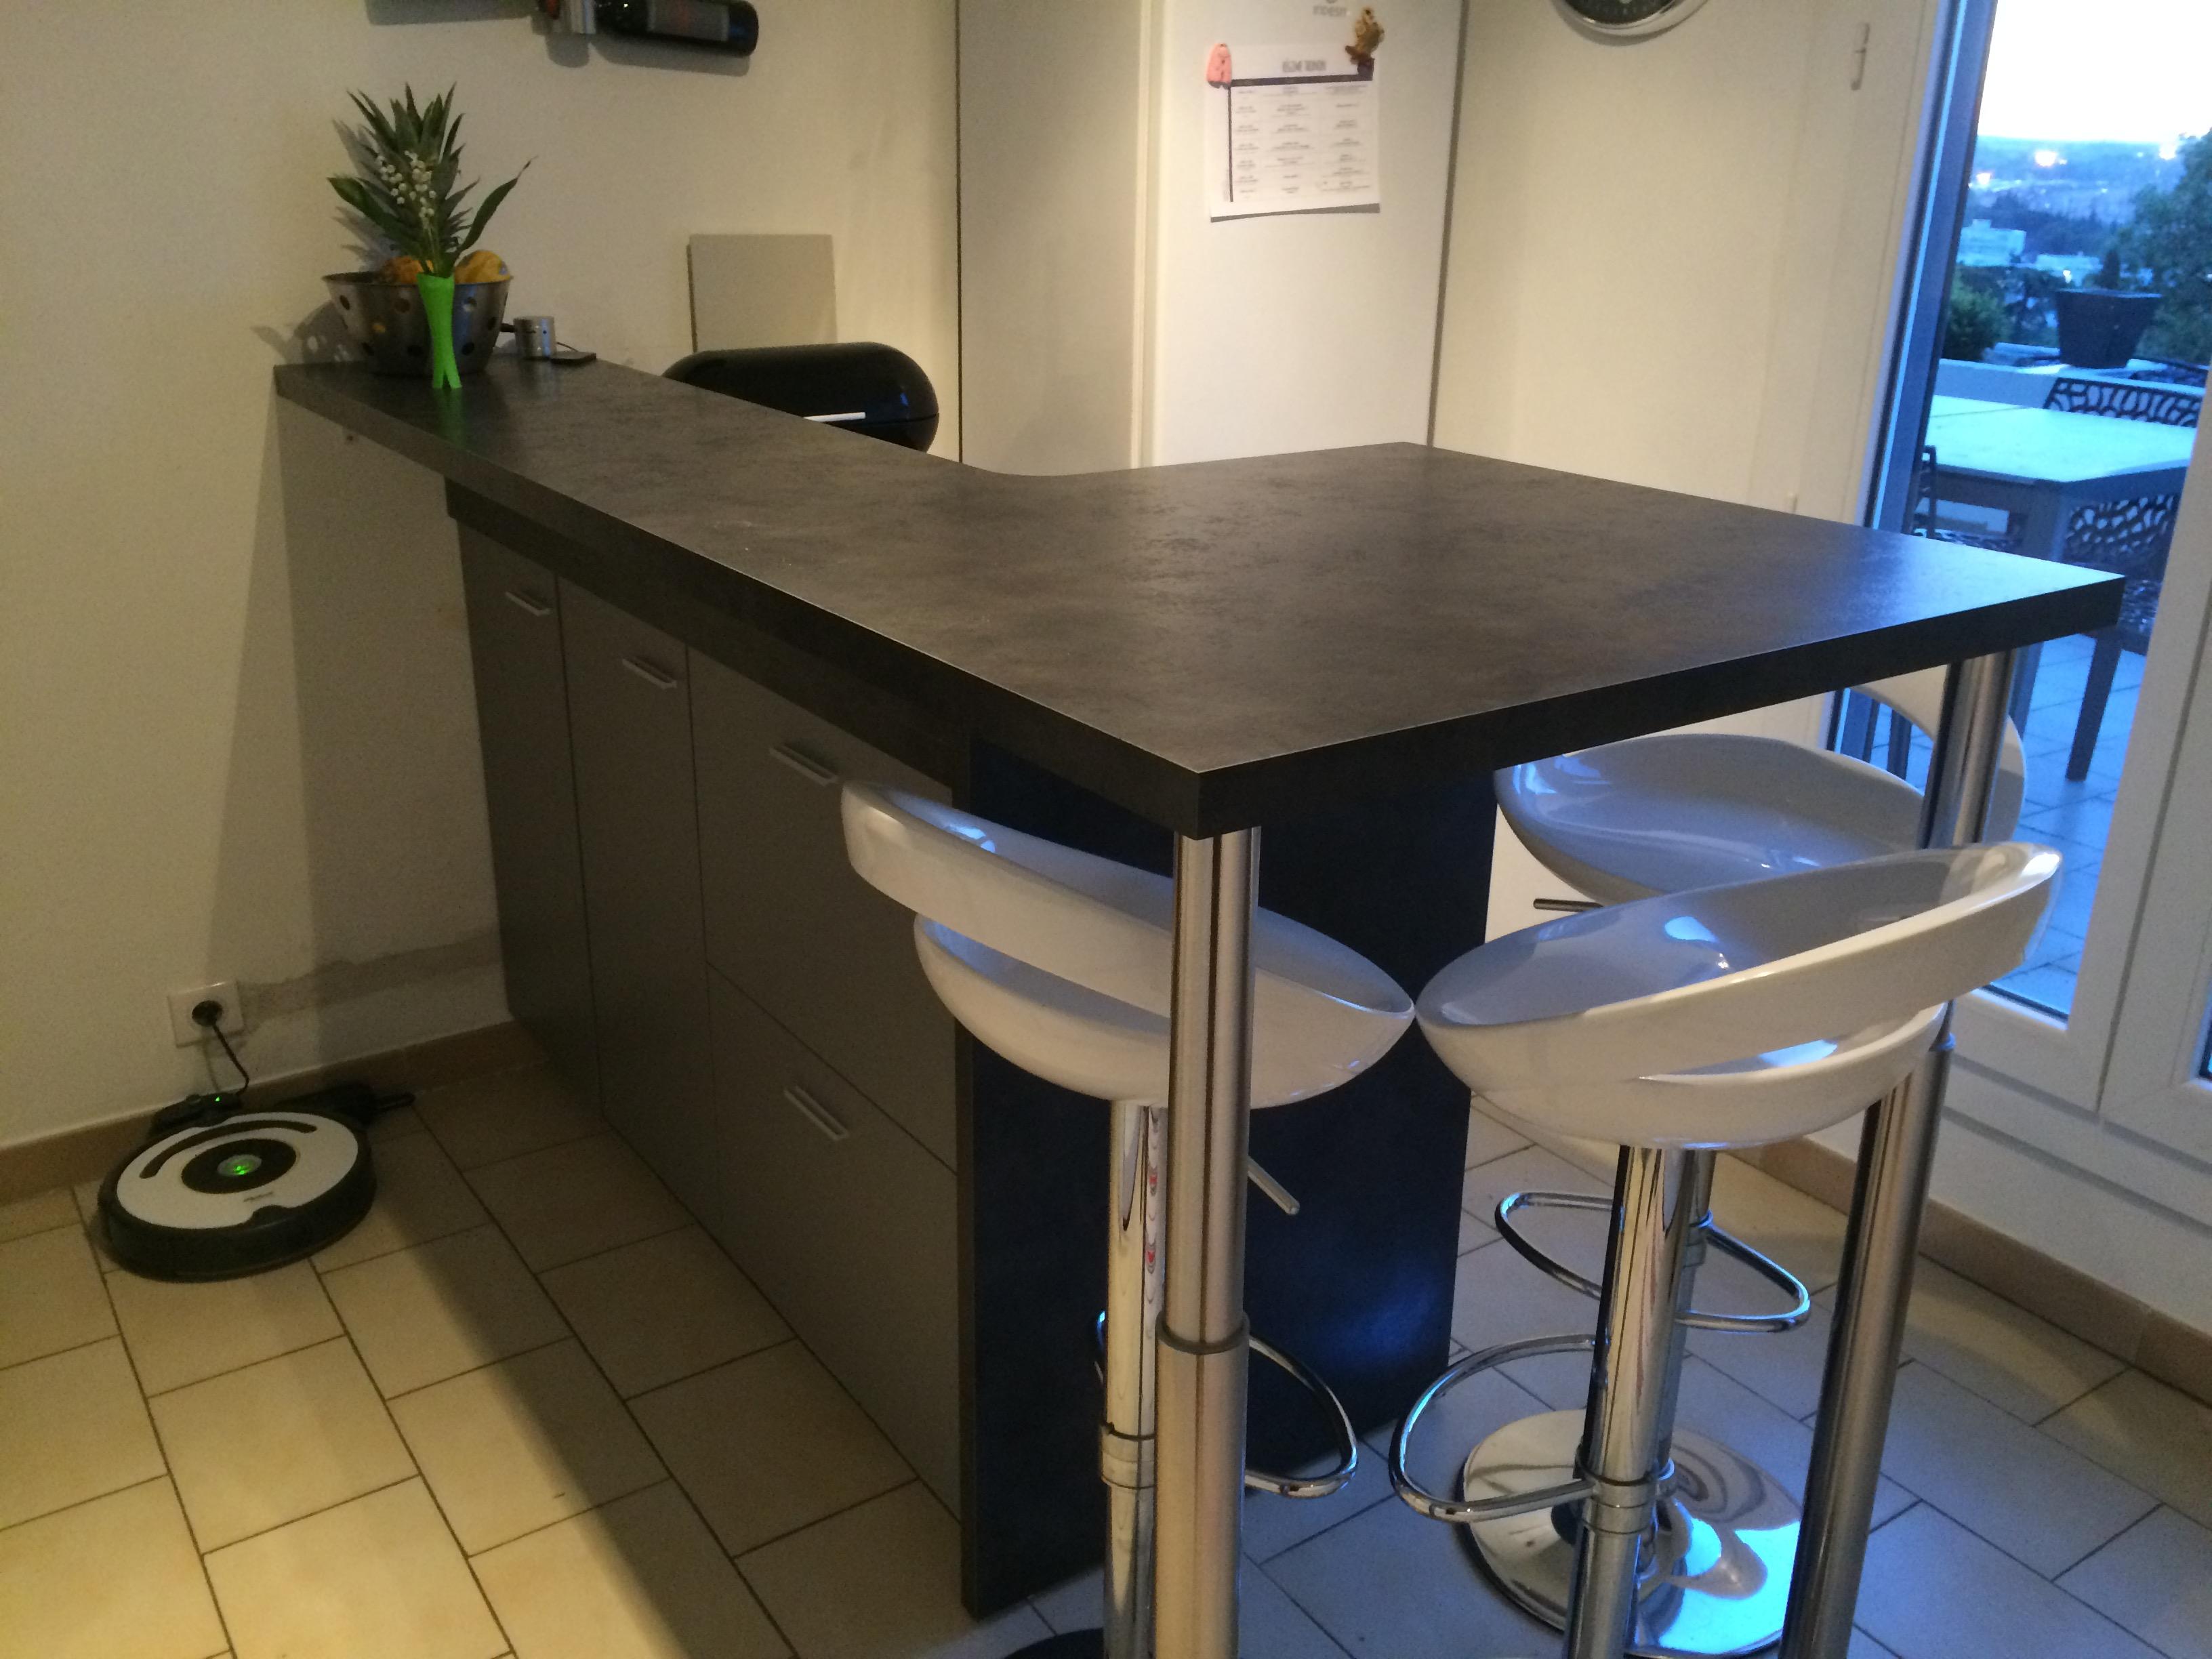 comptoir sur plan de travail entreprise cuisine n mes montpellier. Black Bedroom Furniture Sets. Home Design Ideas